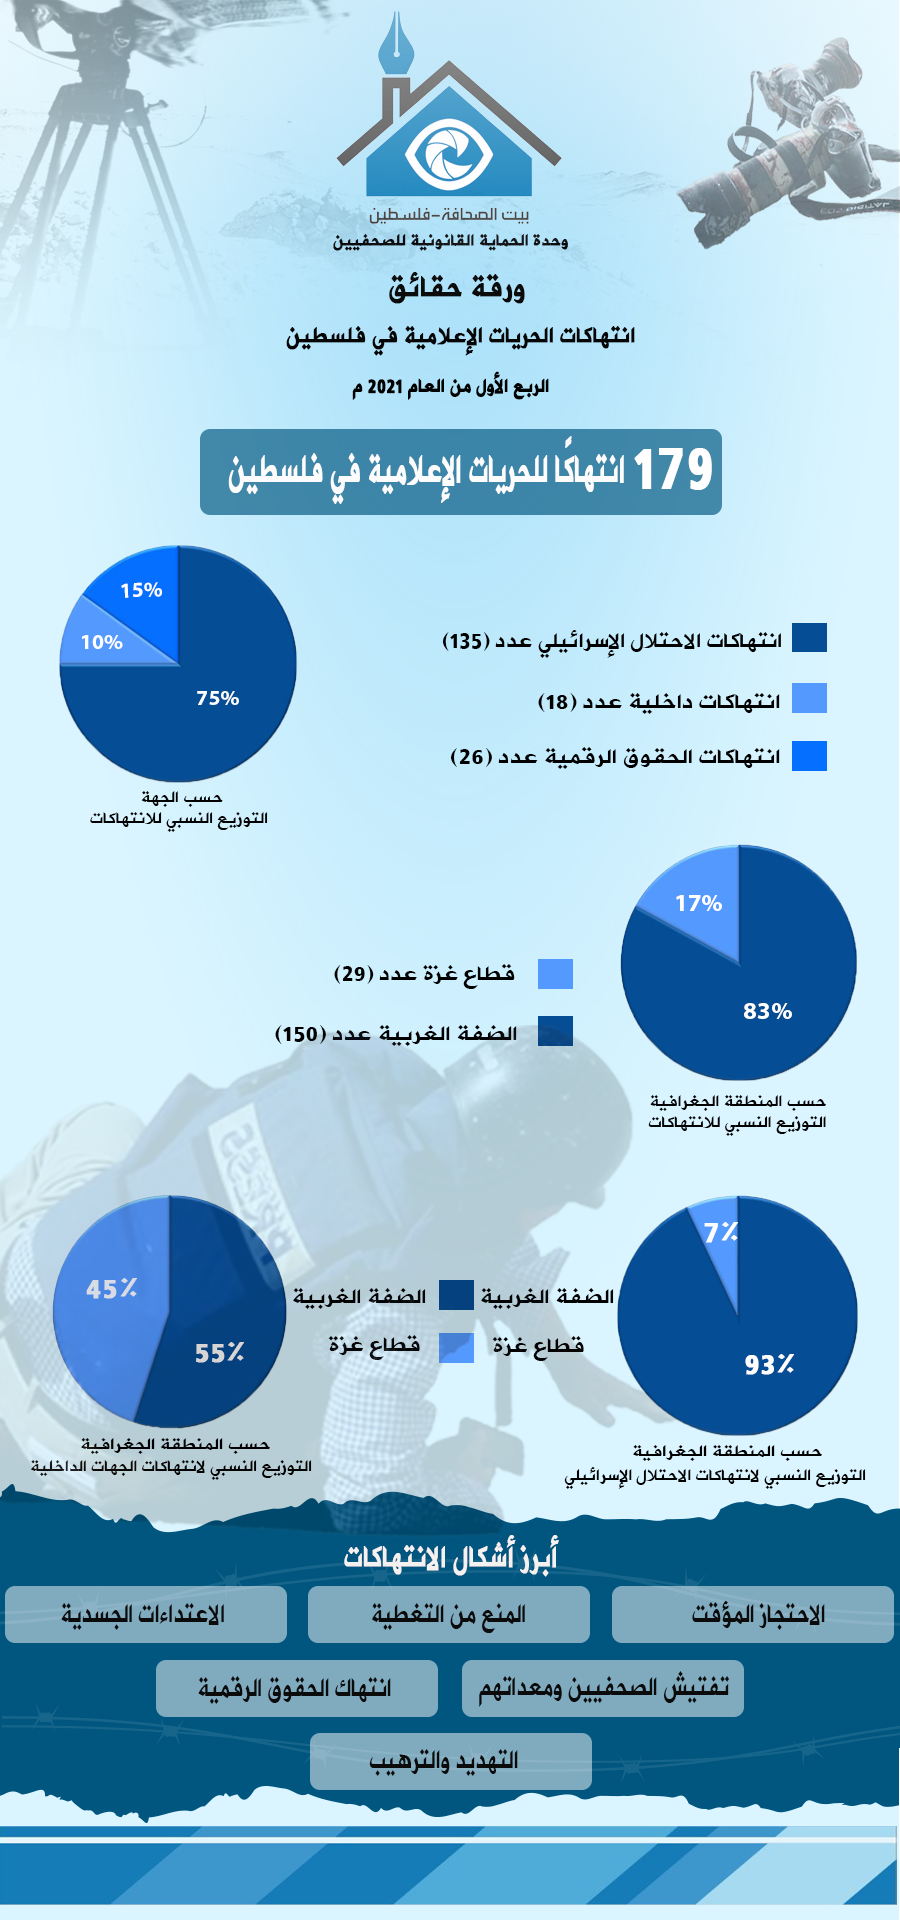 ورقة حقائق الربع الأول من العام 2021 - عربي.png